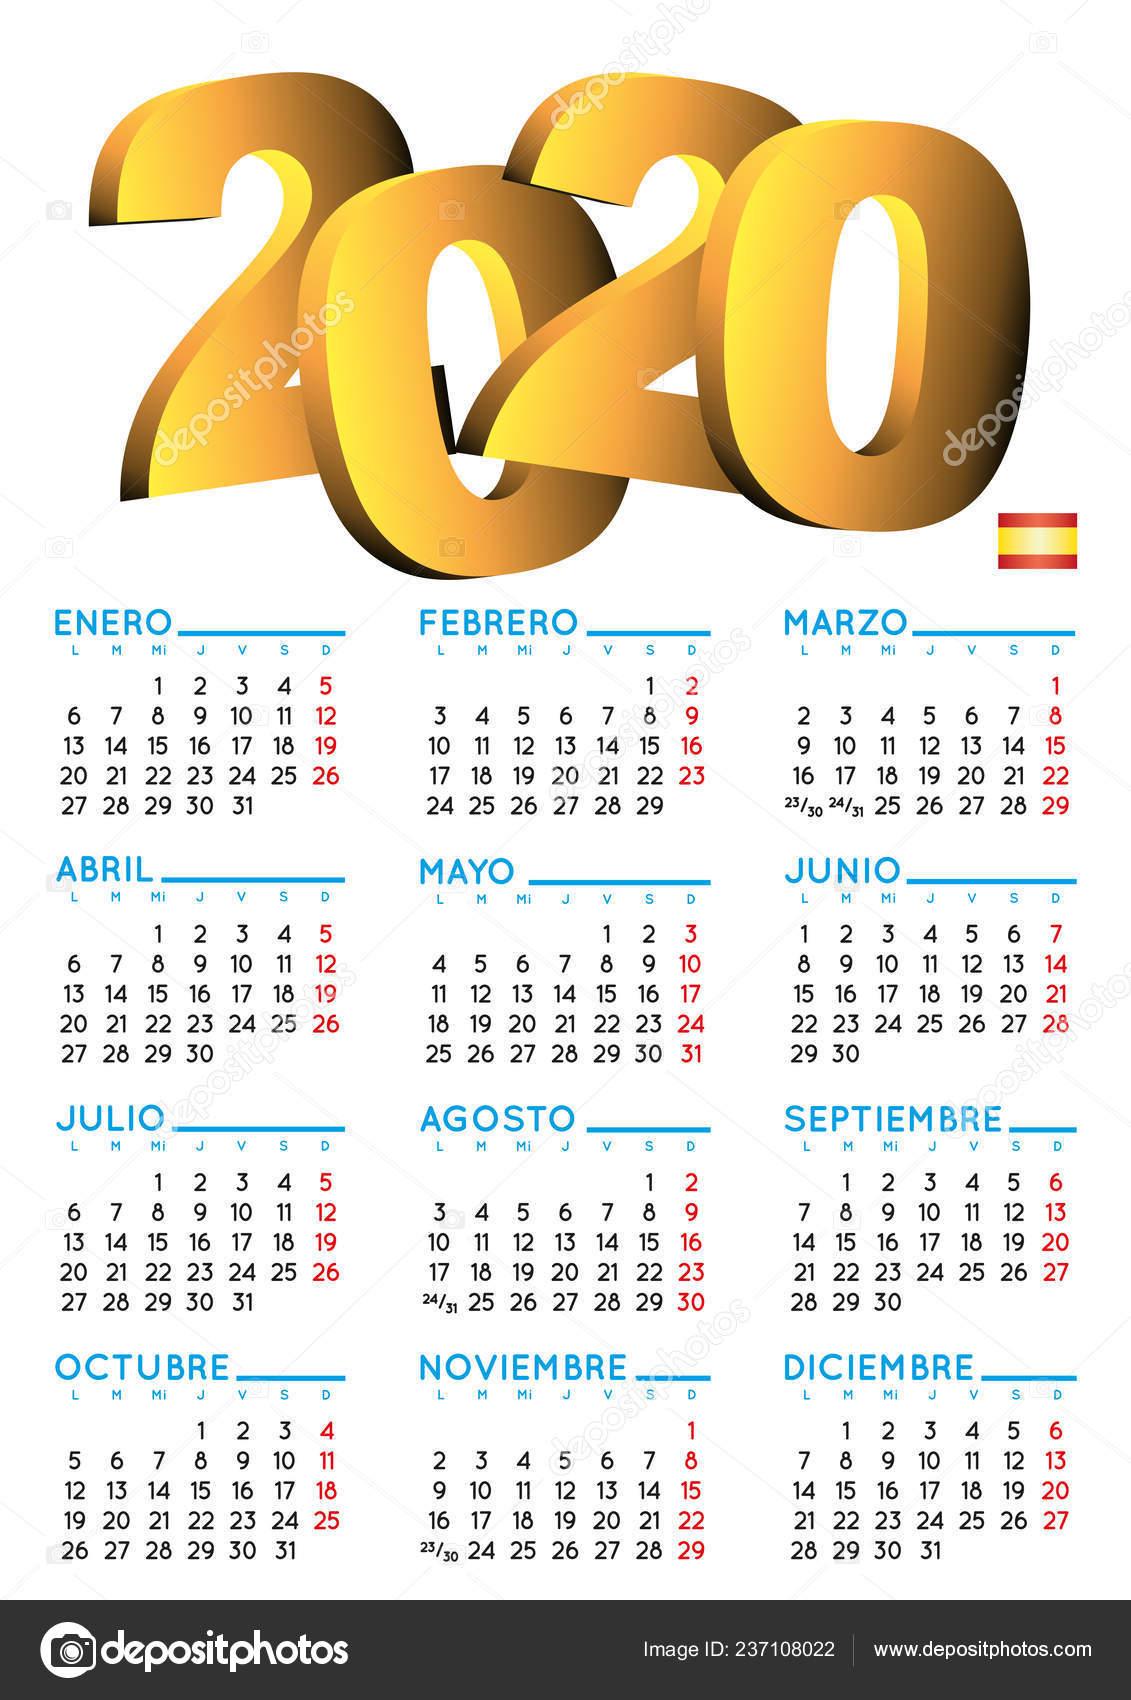 Ano 2020 Calendario.Calendario Espanol 2020 Calendario Del Ano 2020 Calendario